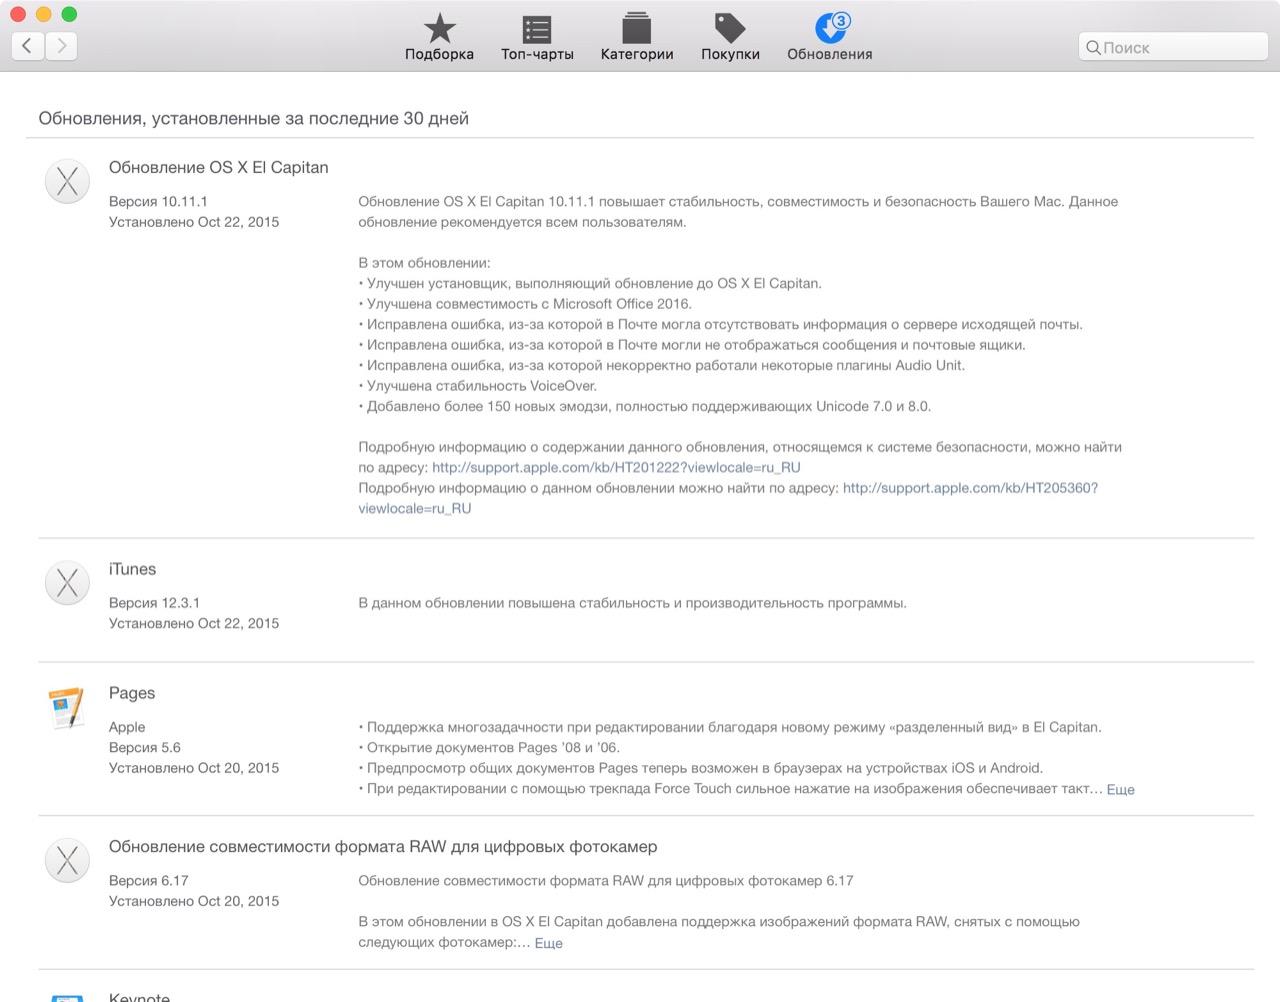 Список обновлений в OS X 10.11.1